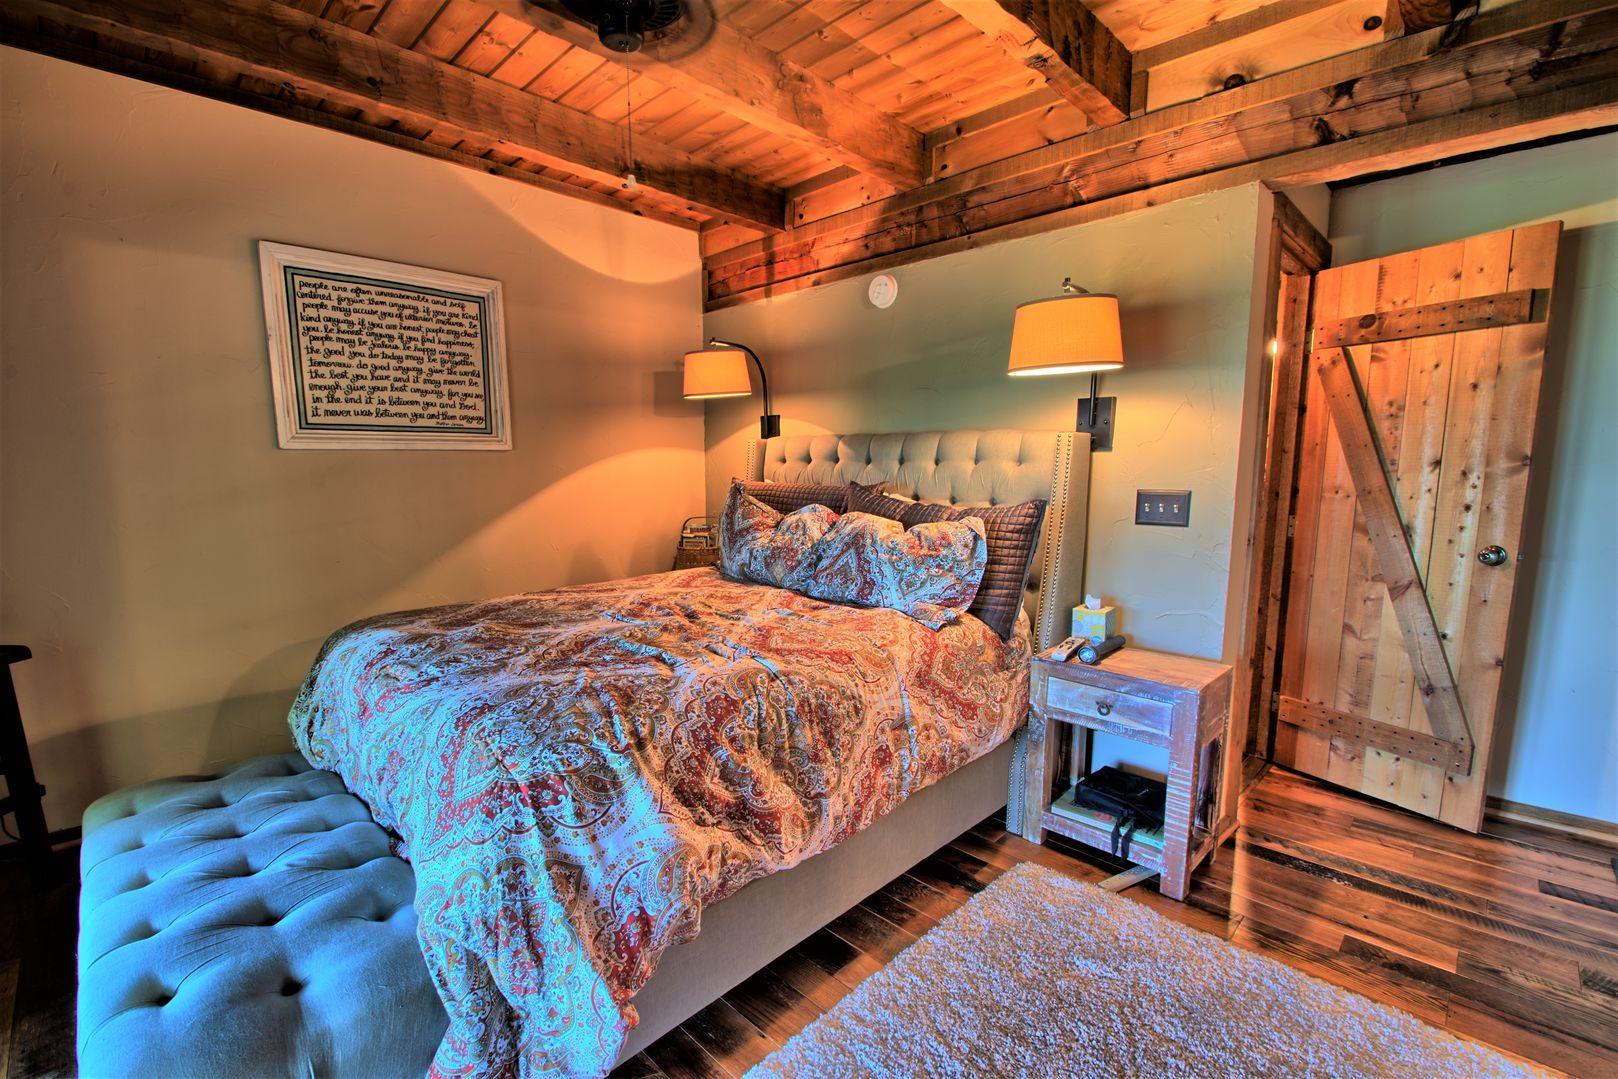 Queen master bedroom with en suite bathroom